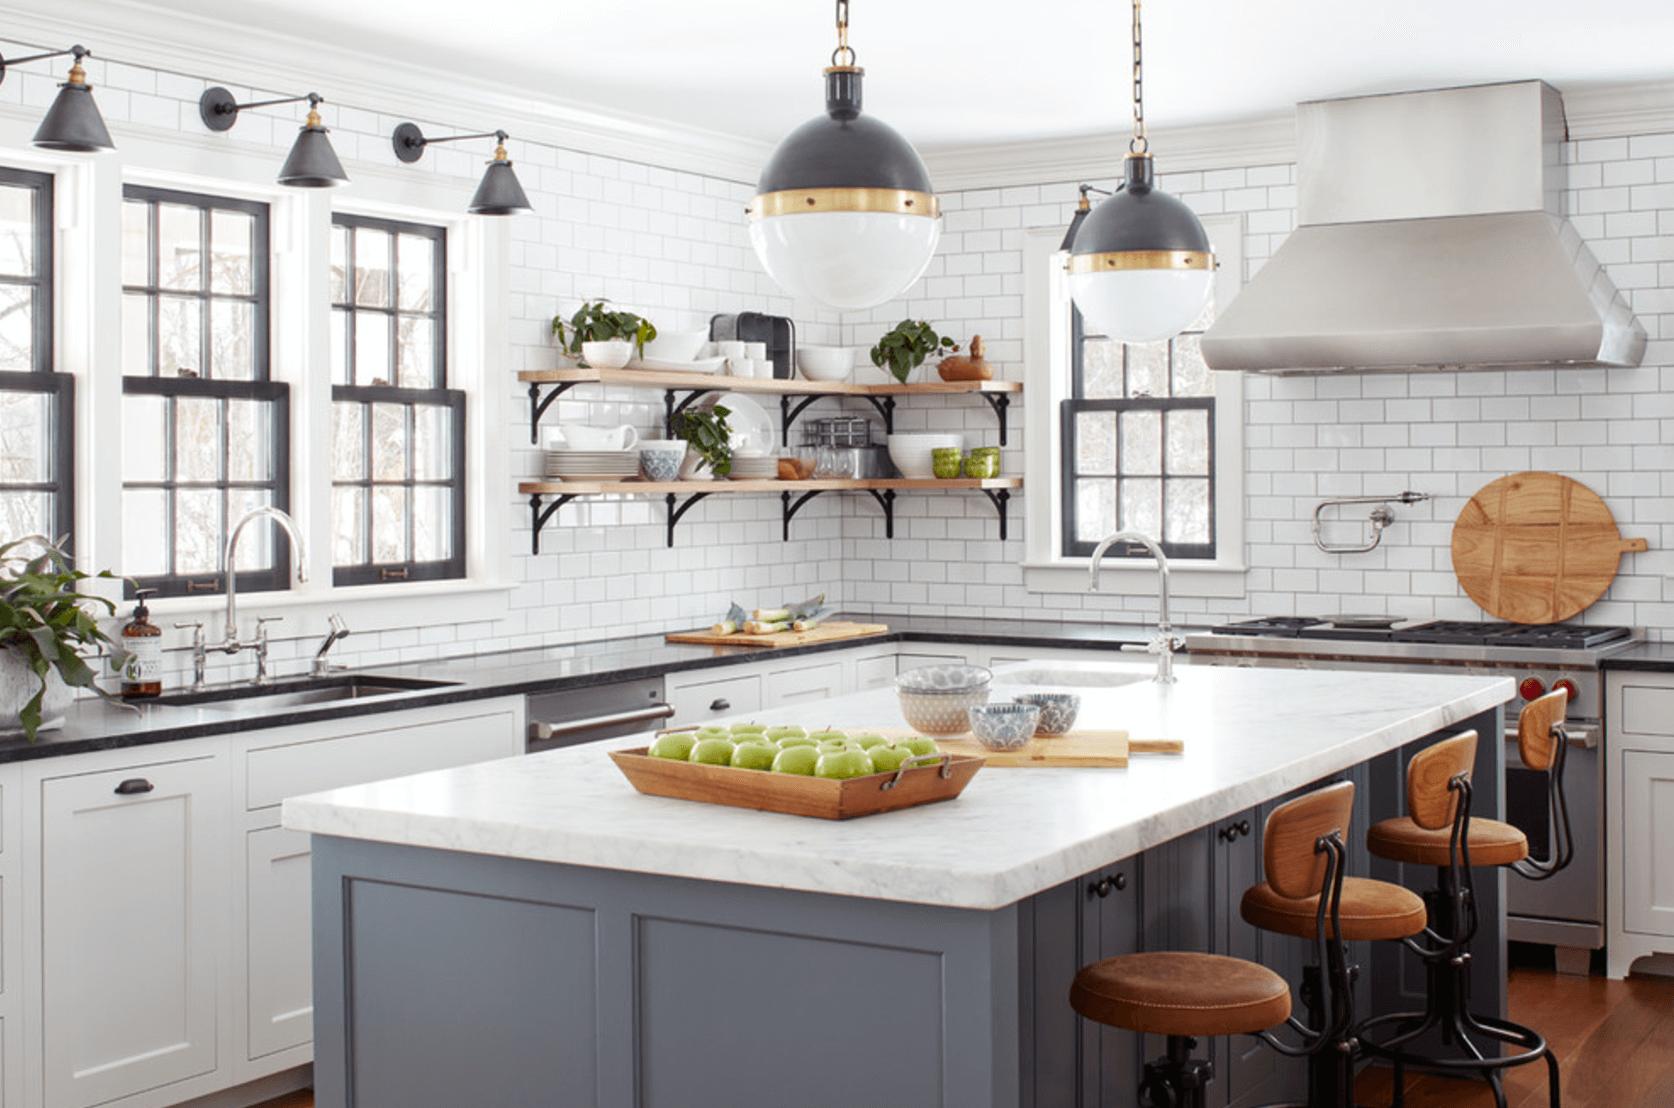 Преображение кухни: обновить кухонные шкафчики